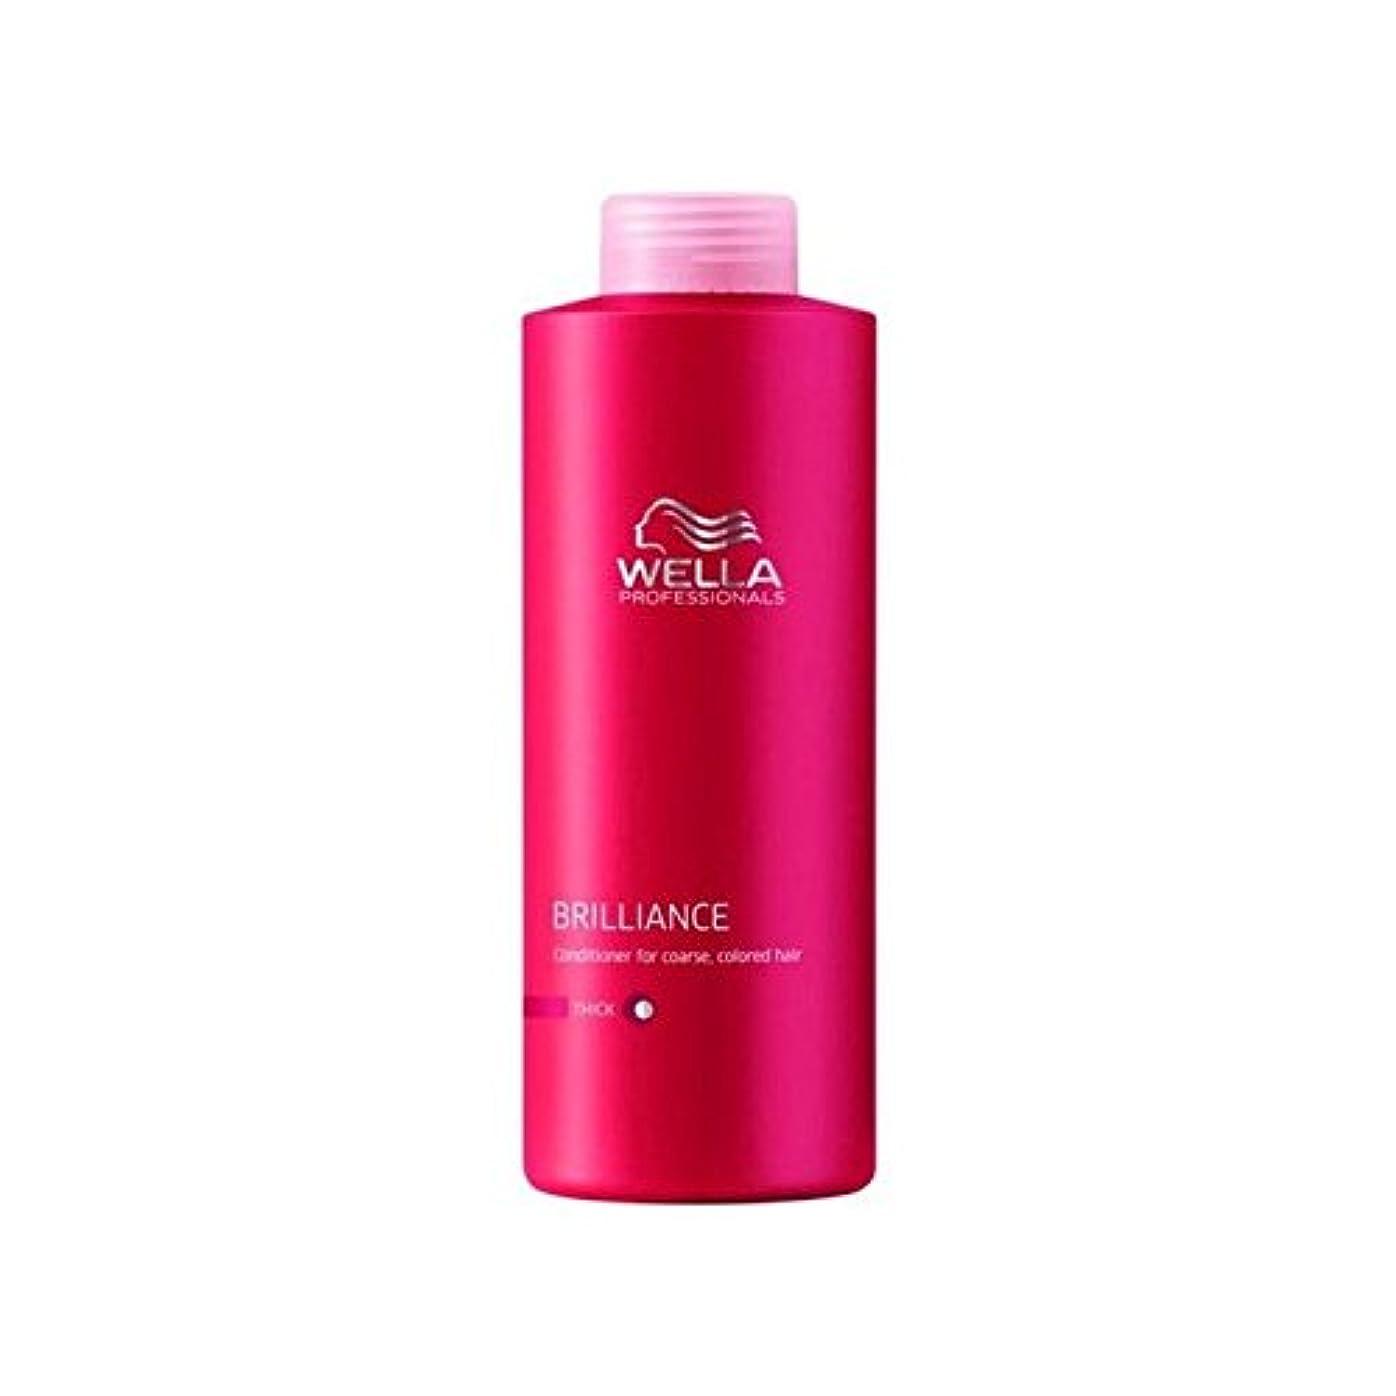 バンジョー政府トーンWella Professionals Brilliance Coarse Conditioner (1000ml) (Pack of 6) - ウェラの専門家は粗いコンディショナー(千ミリリットル)をブリリアンス x6...